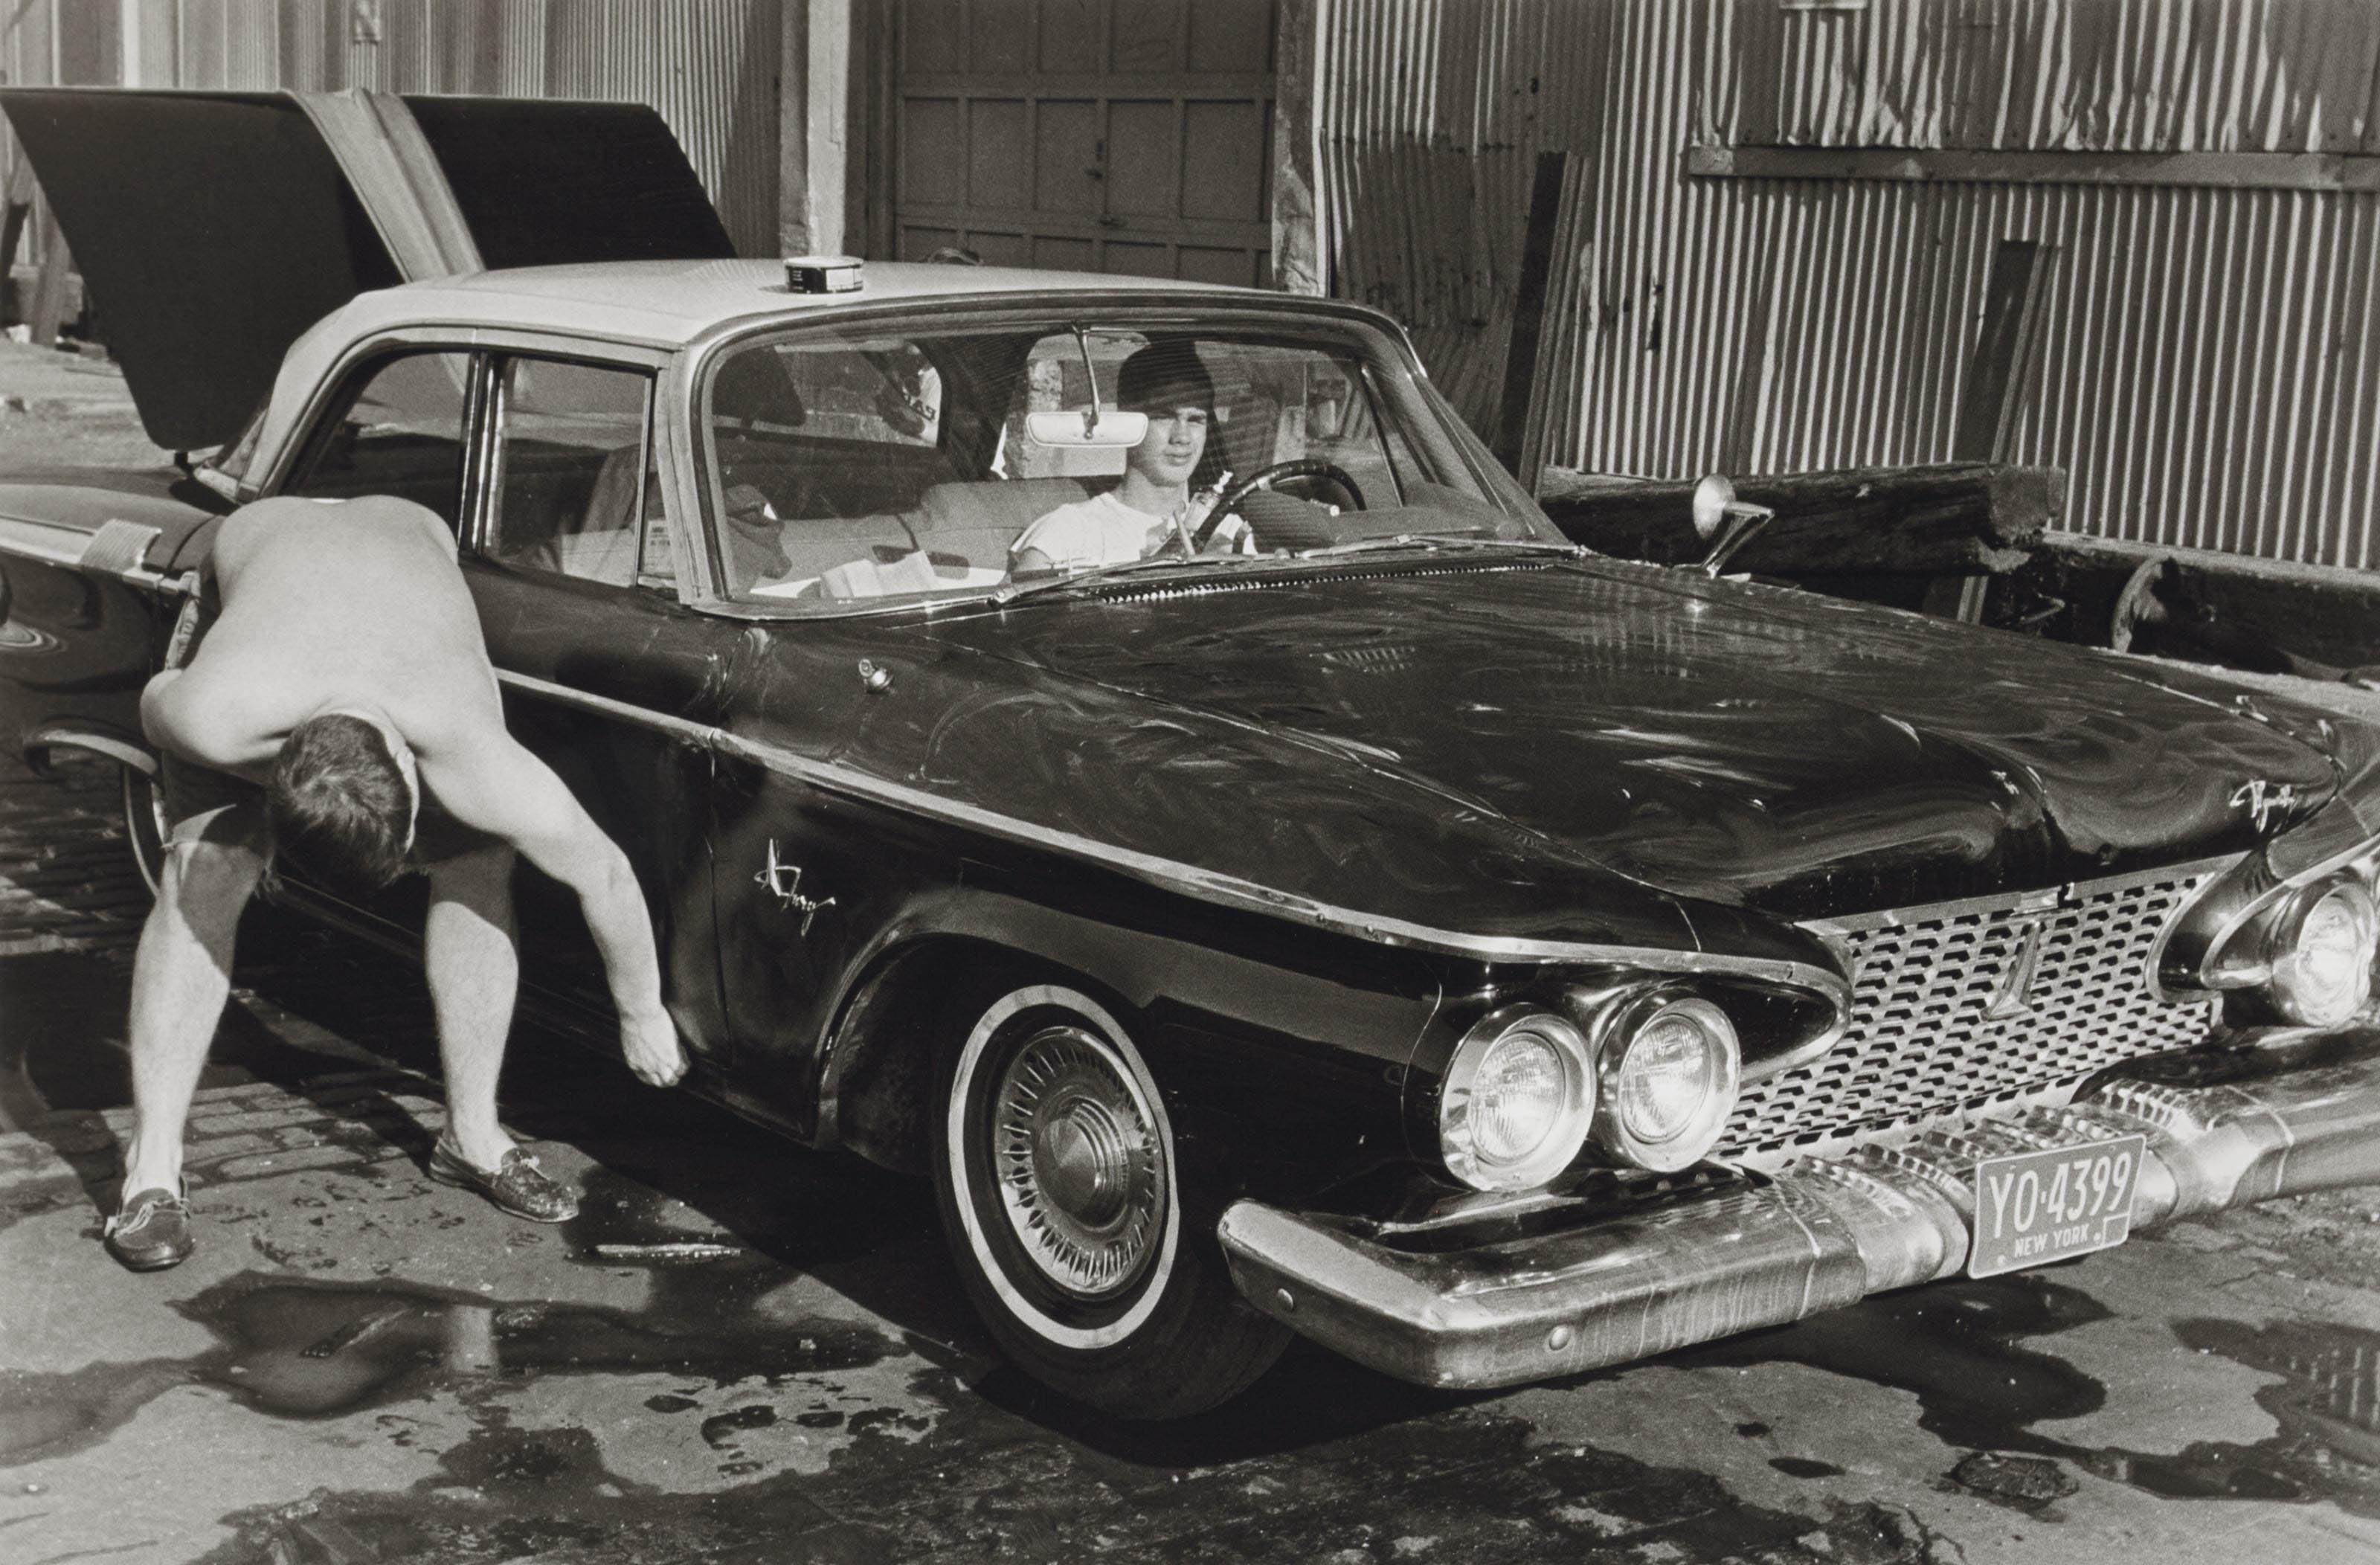 N.Y., 1961